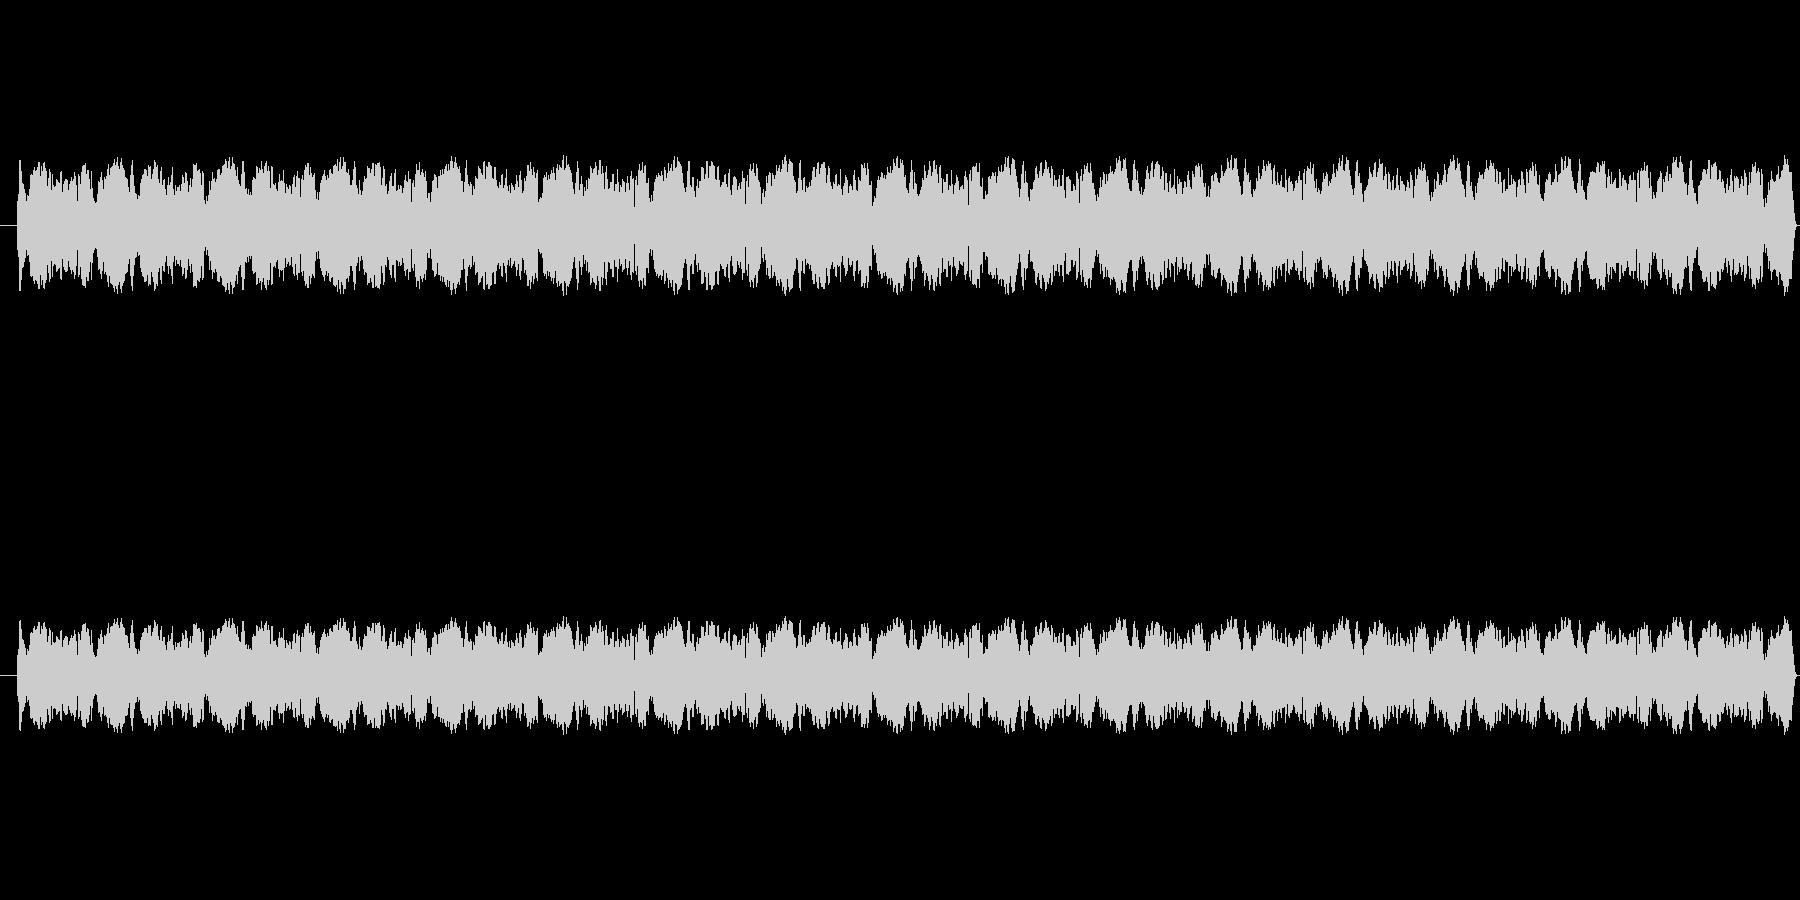 ウィンウィン(パトカーのサイレン音)の未再生の波形